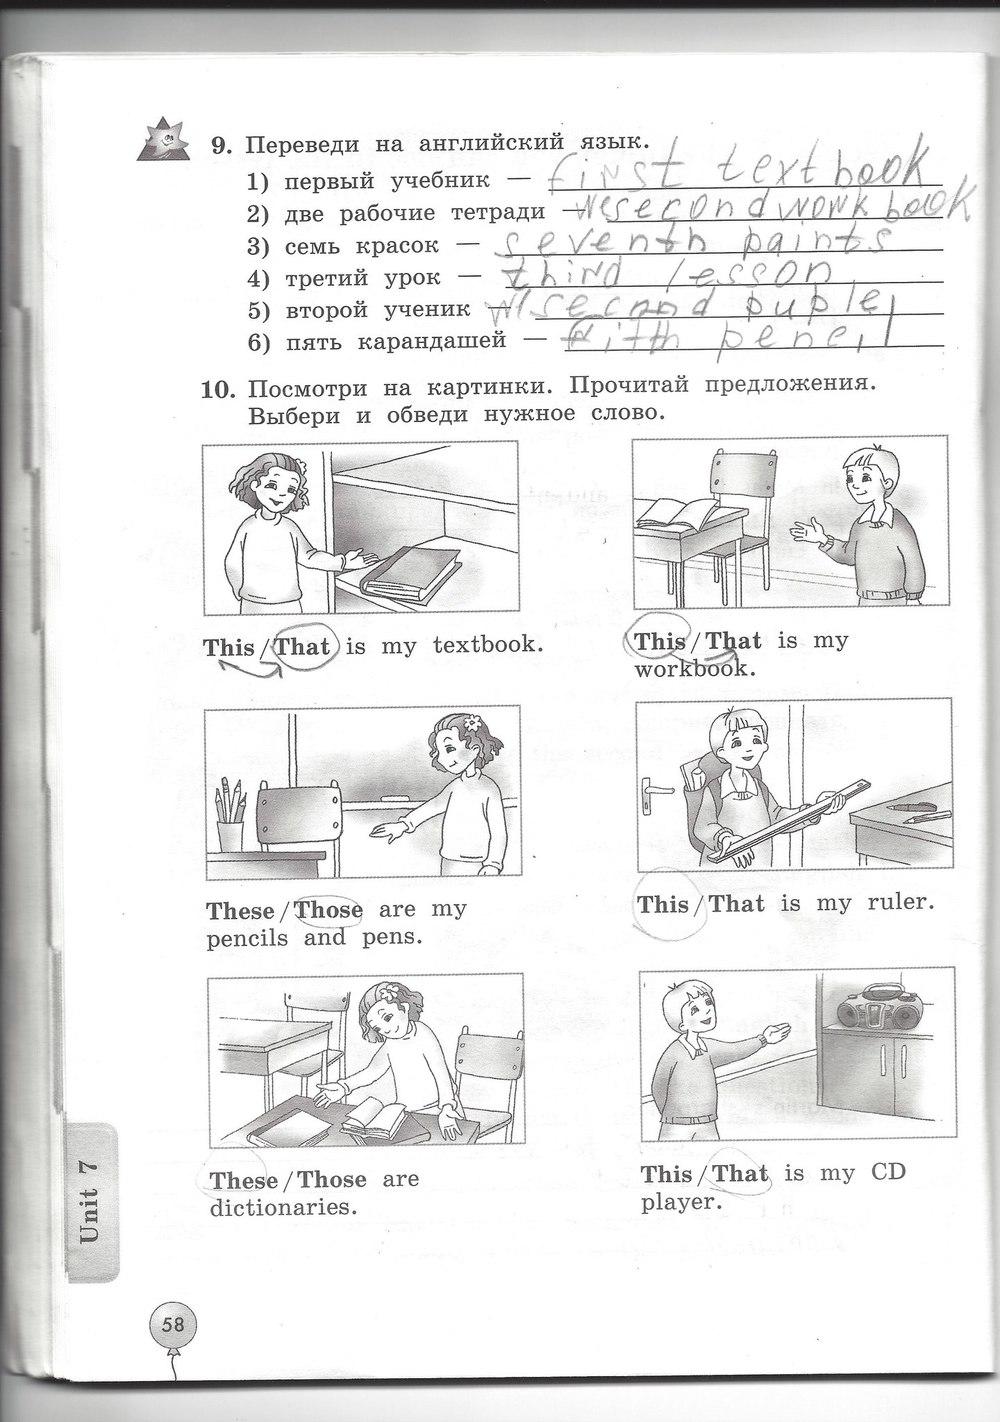 Тетрадь рабочая 2 по класс языку английскому 9 часть решебник